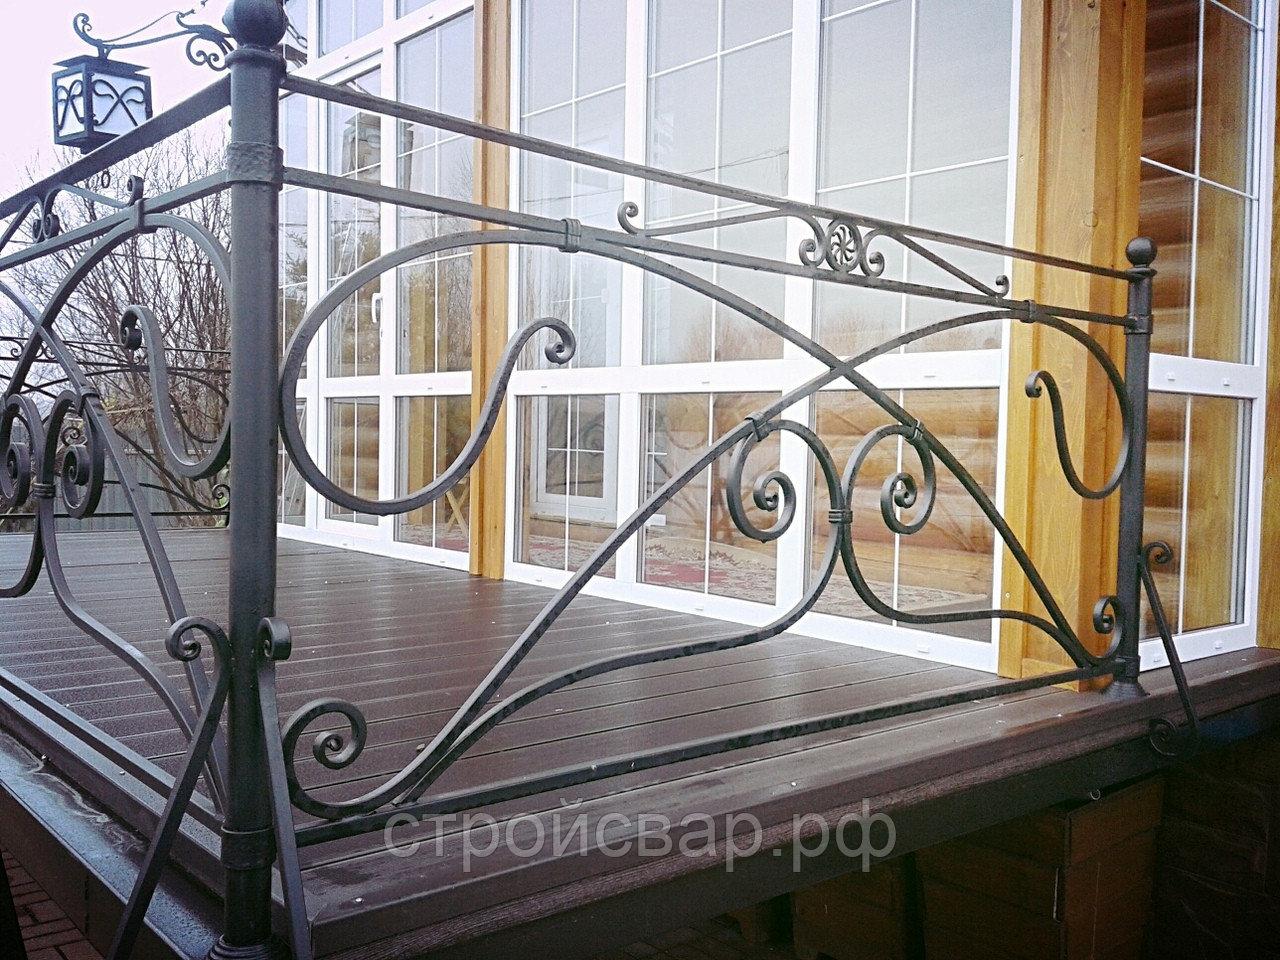 Уникальность проявляется в деталях: кованые перила внутри и снаружи дома